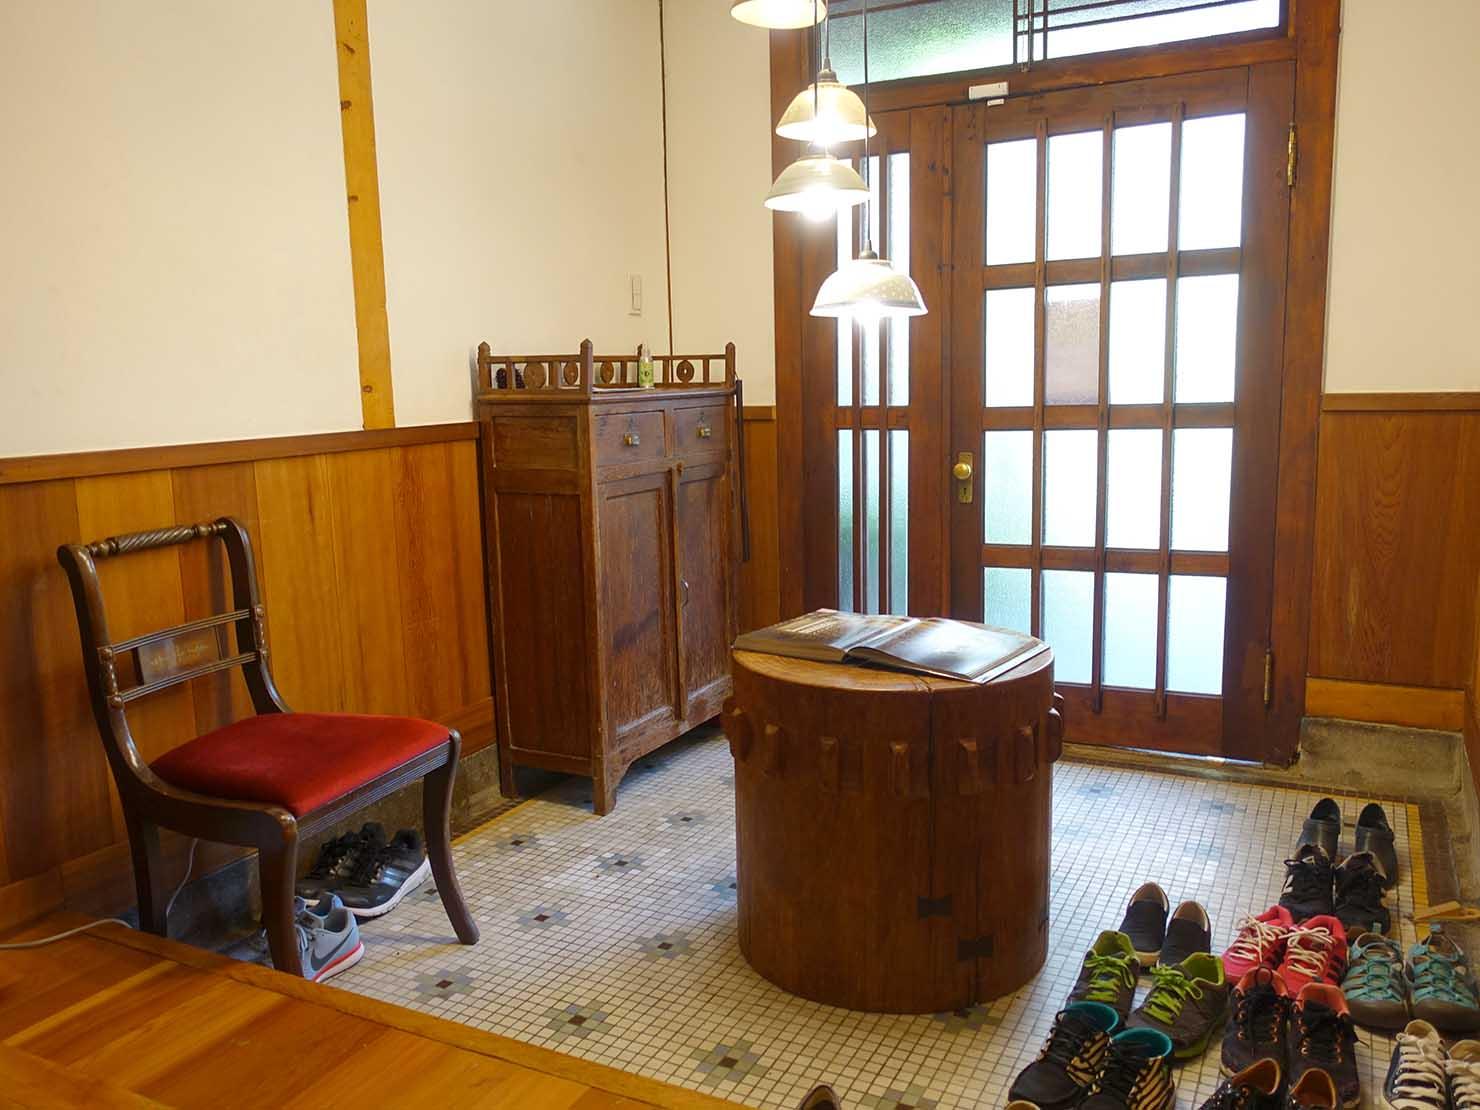 台北の街に佇む日本式古民家の図書館「文房 Chapter」の玄関